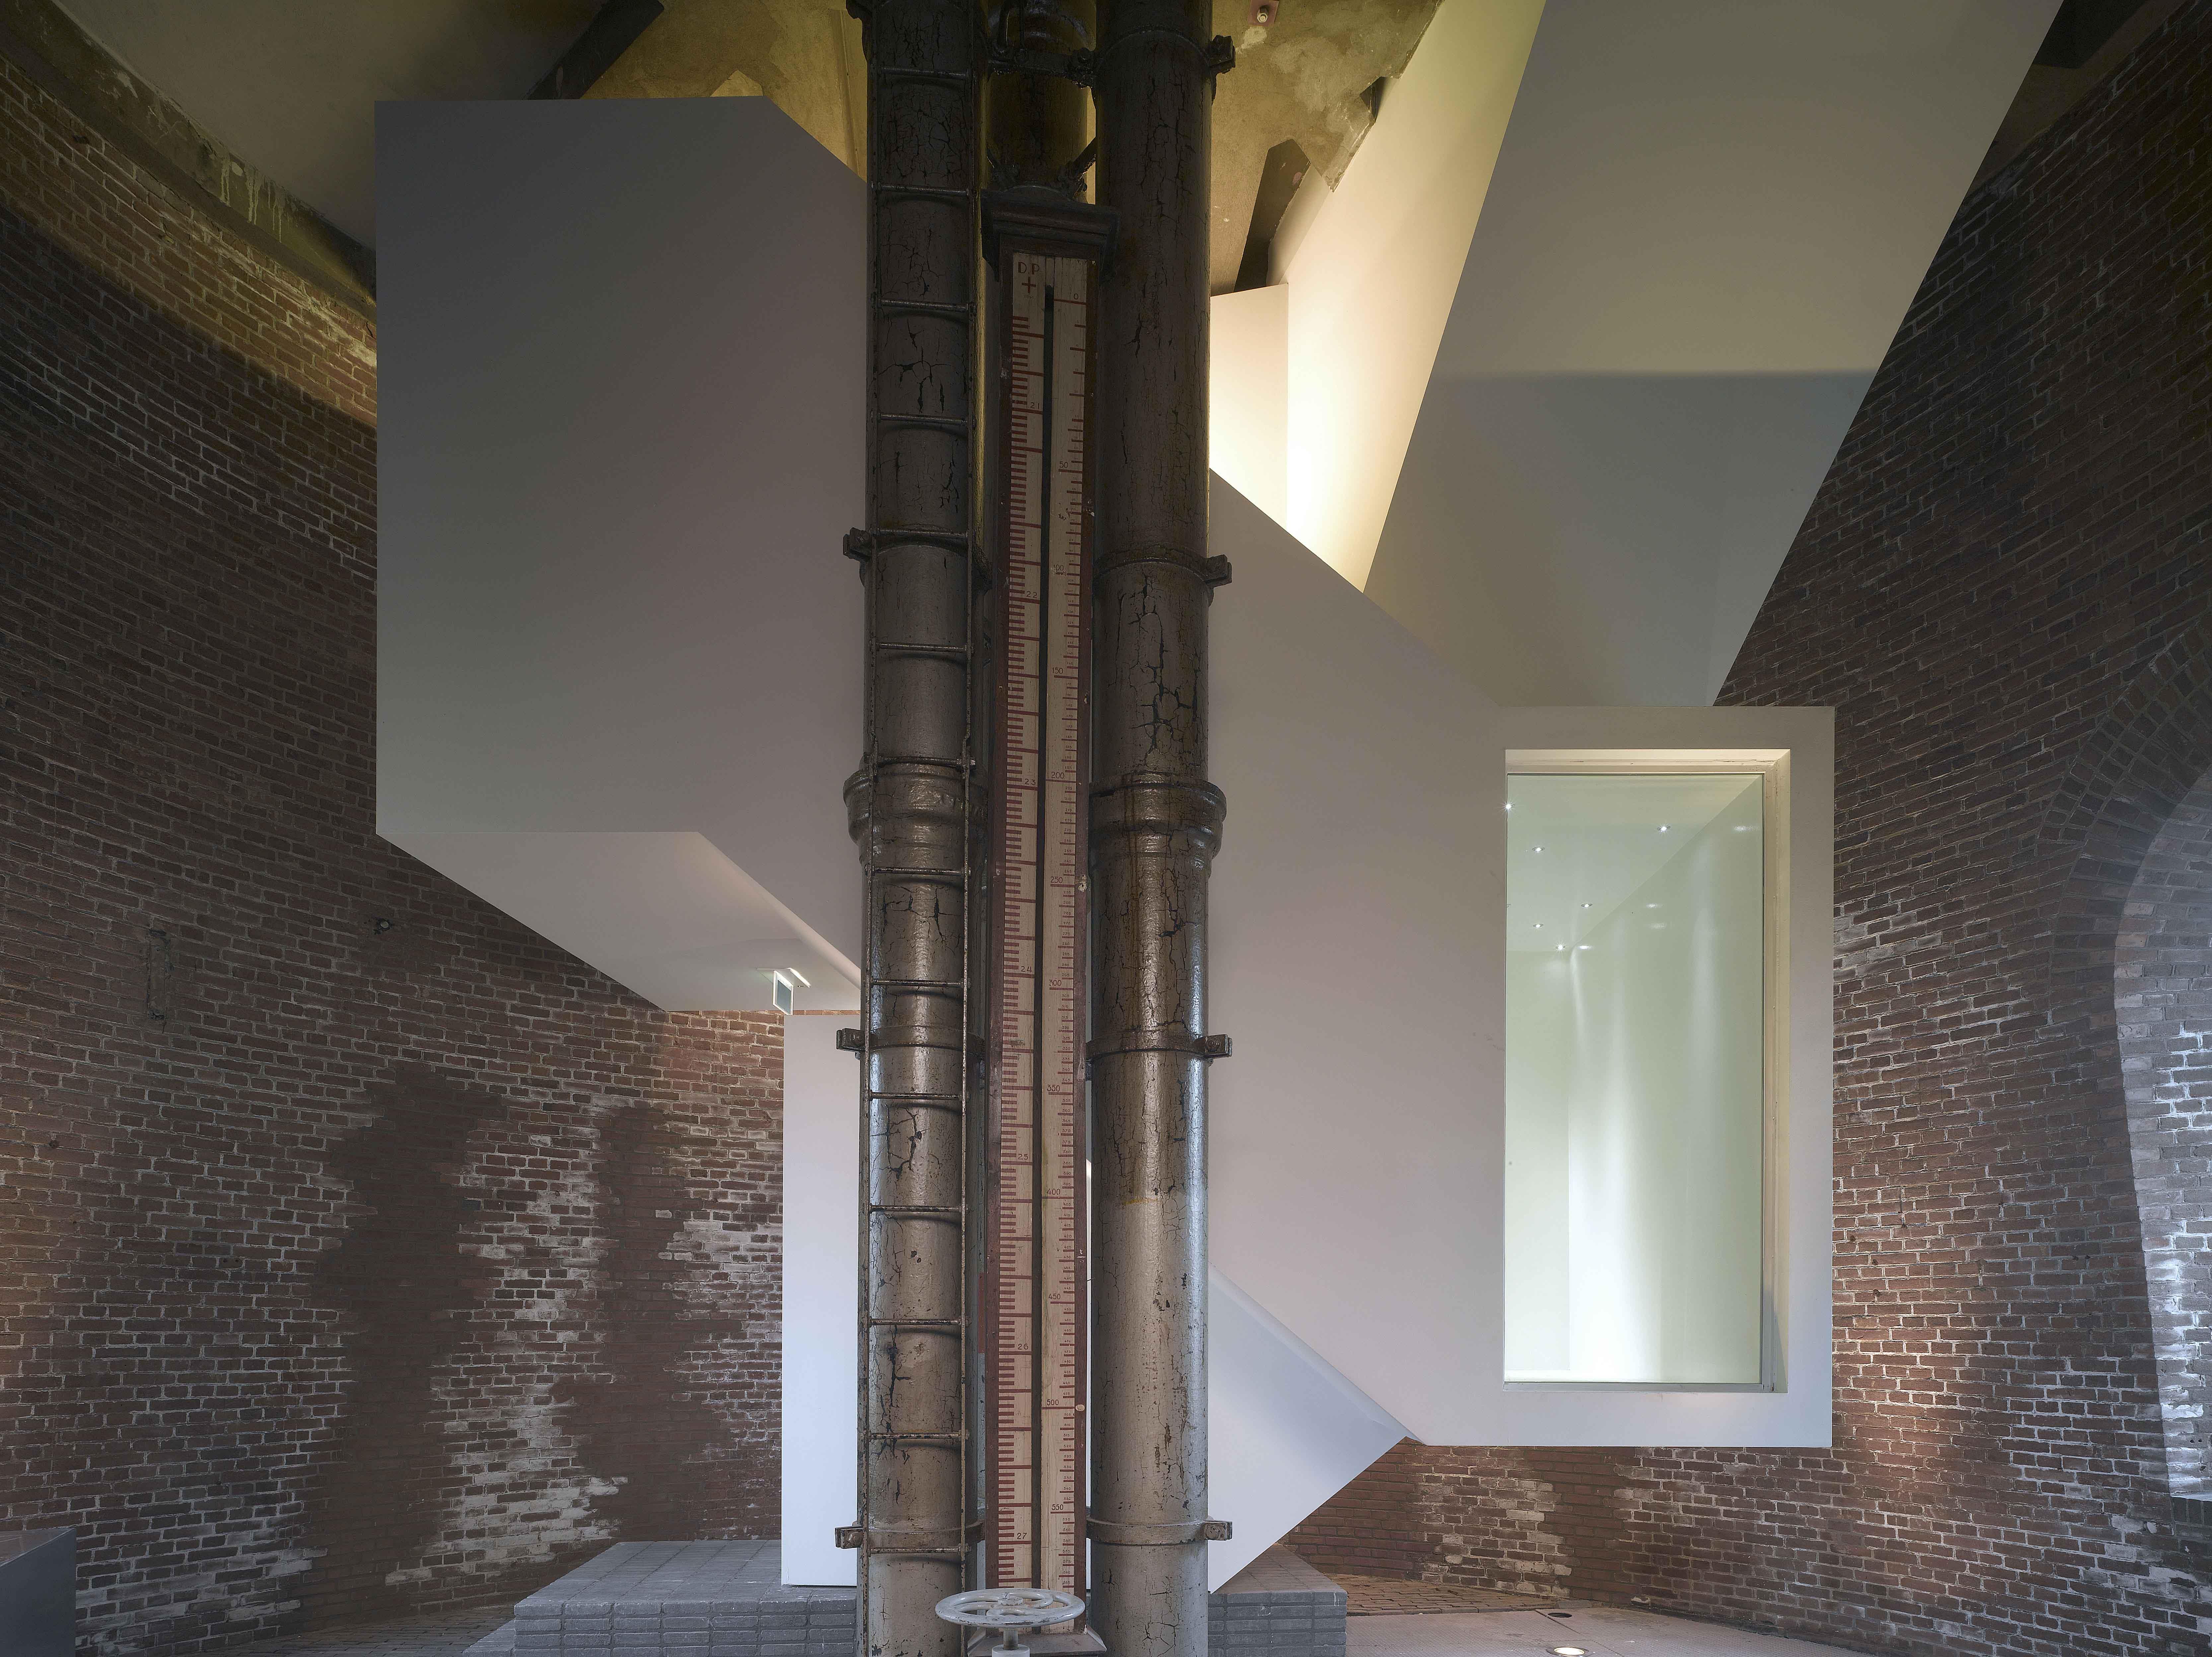 De Entree van de Watertoren